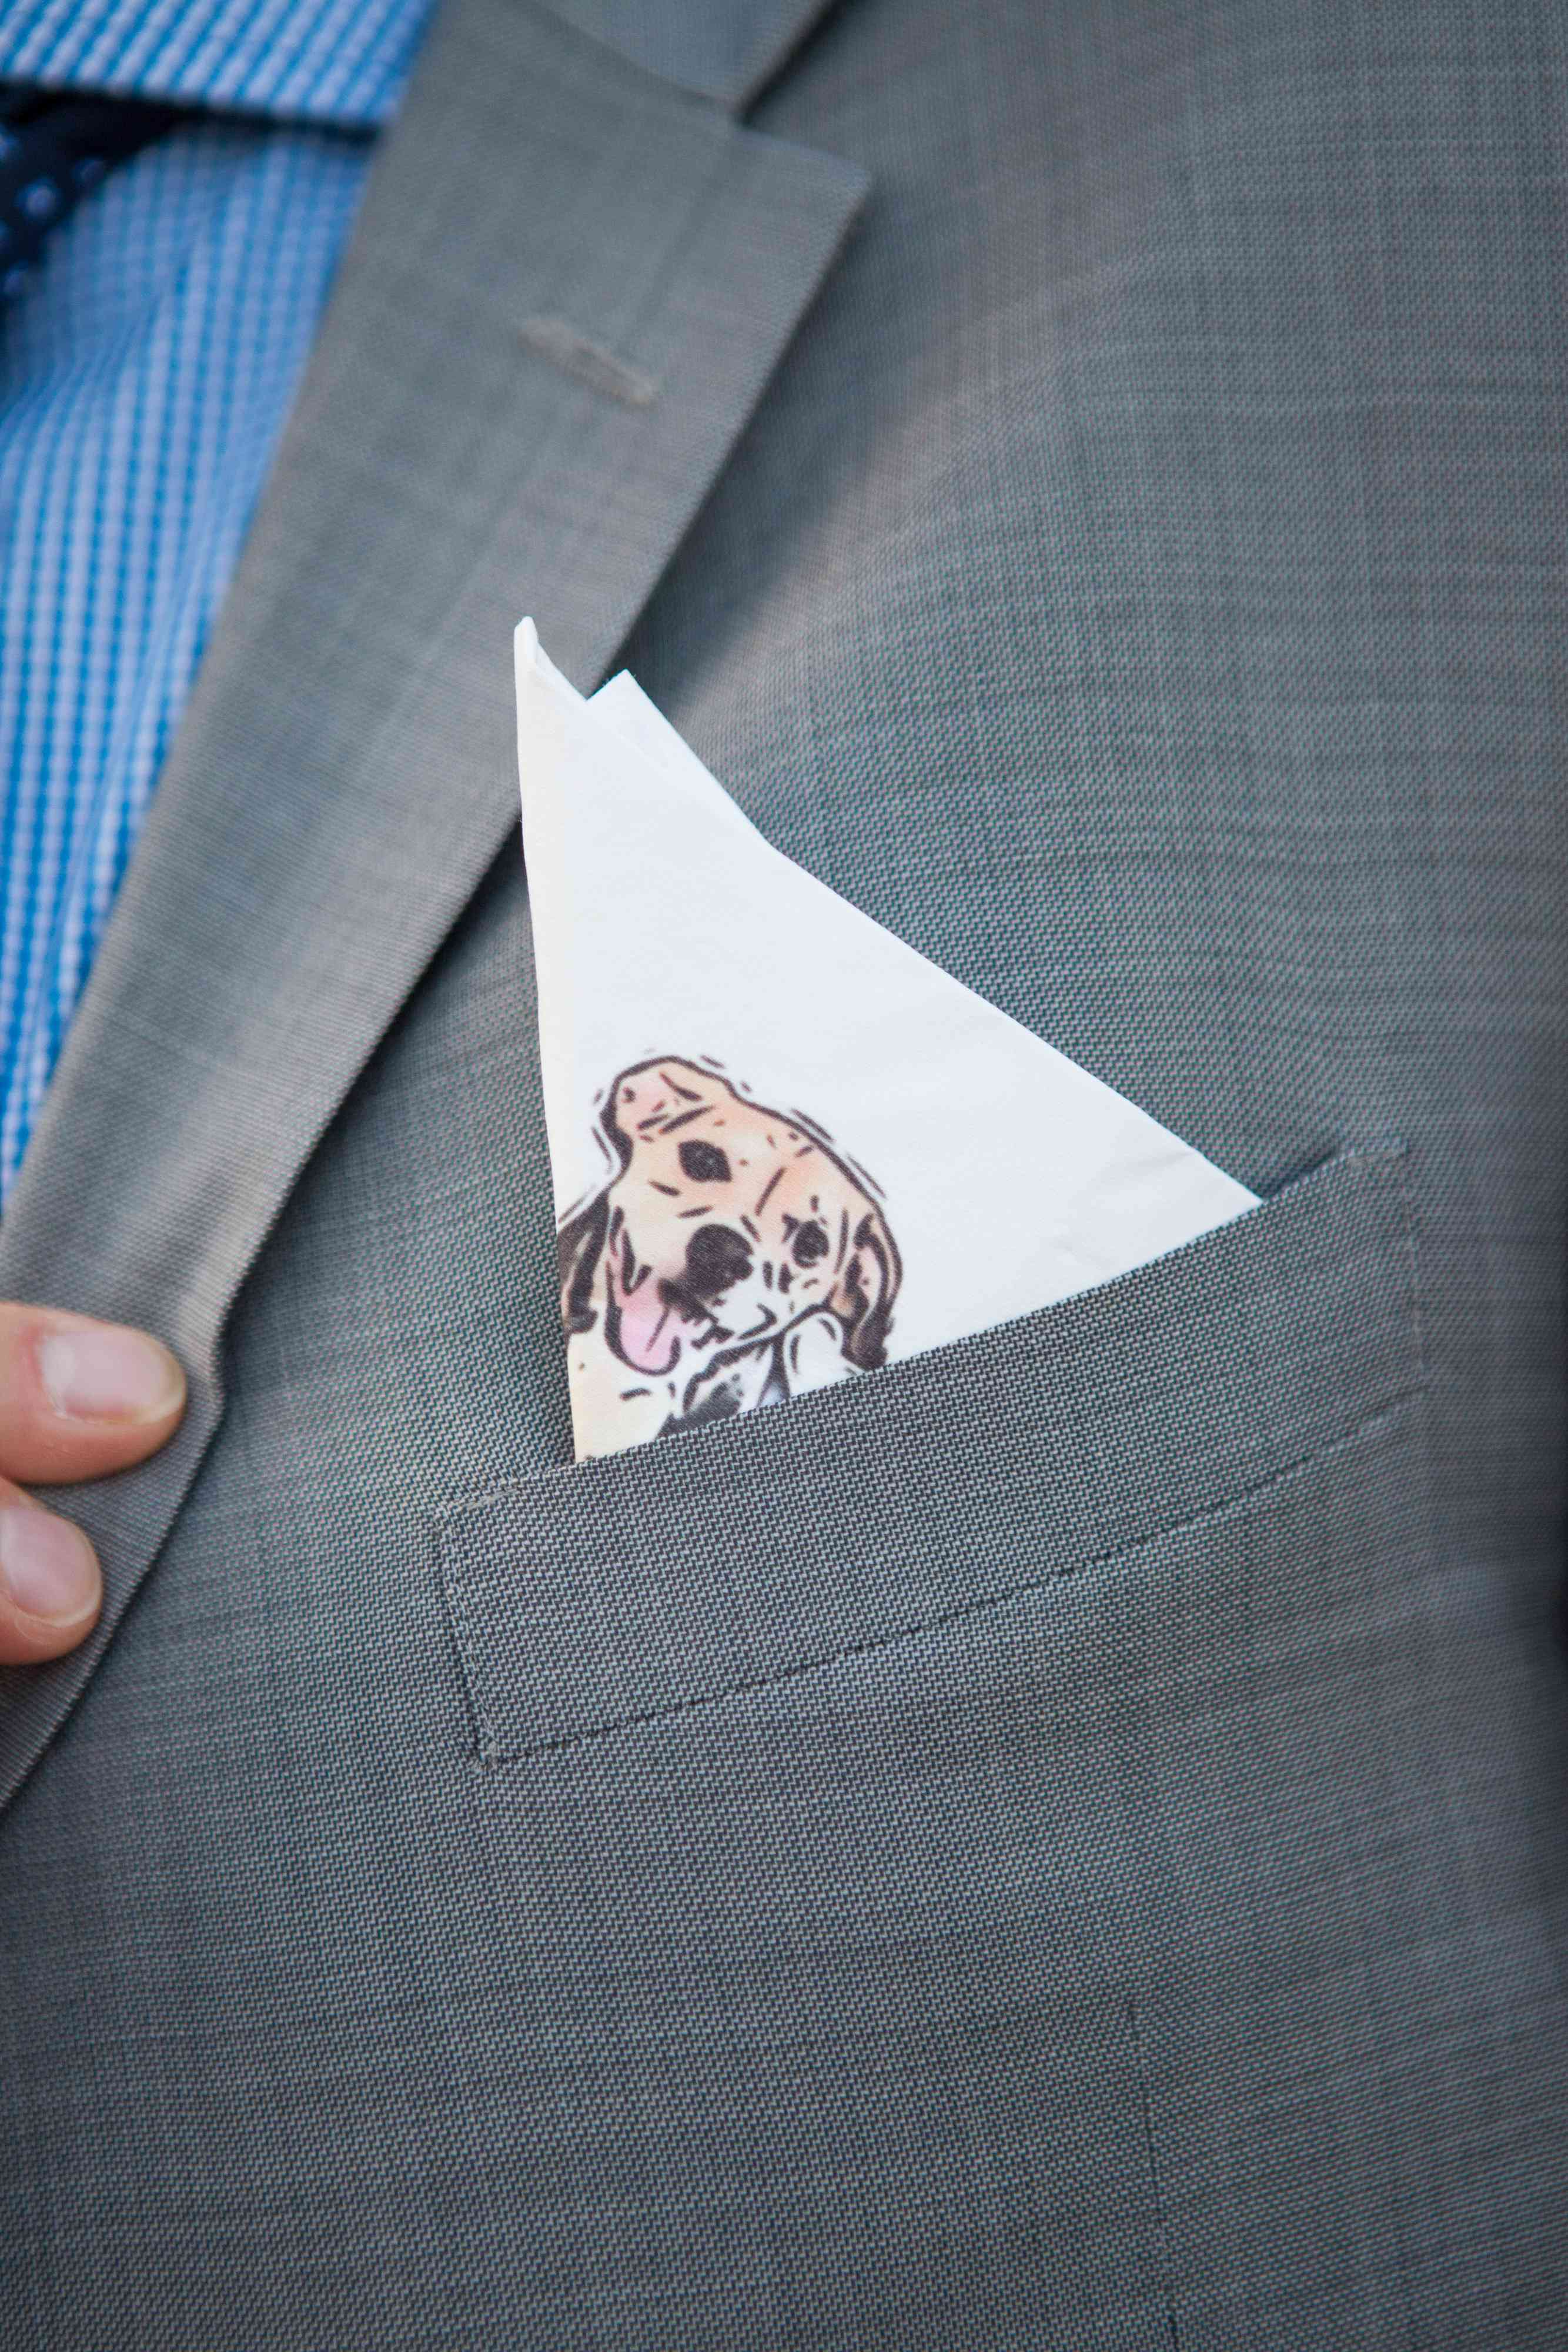 Dog illustration on pocket square